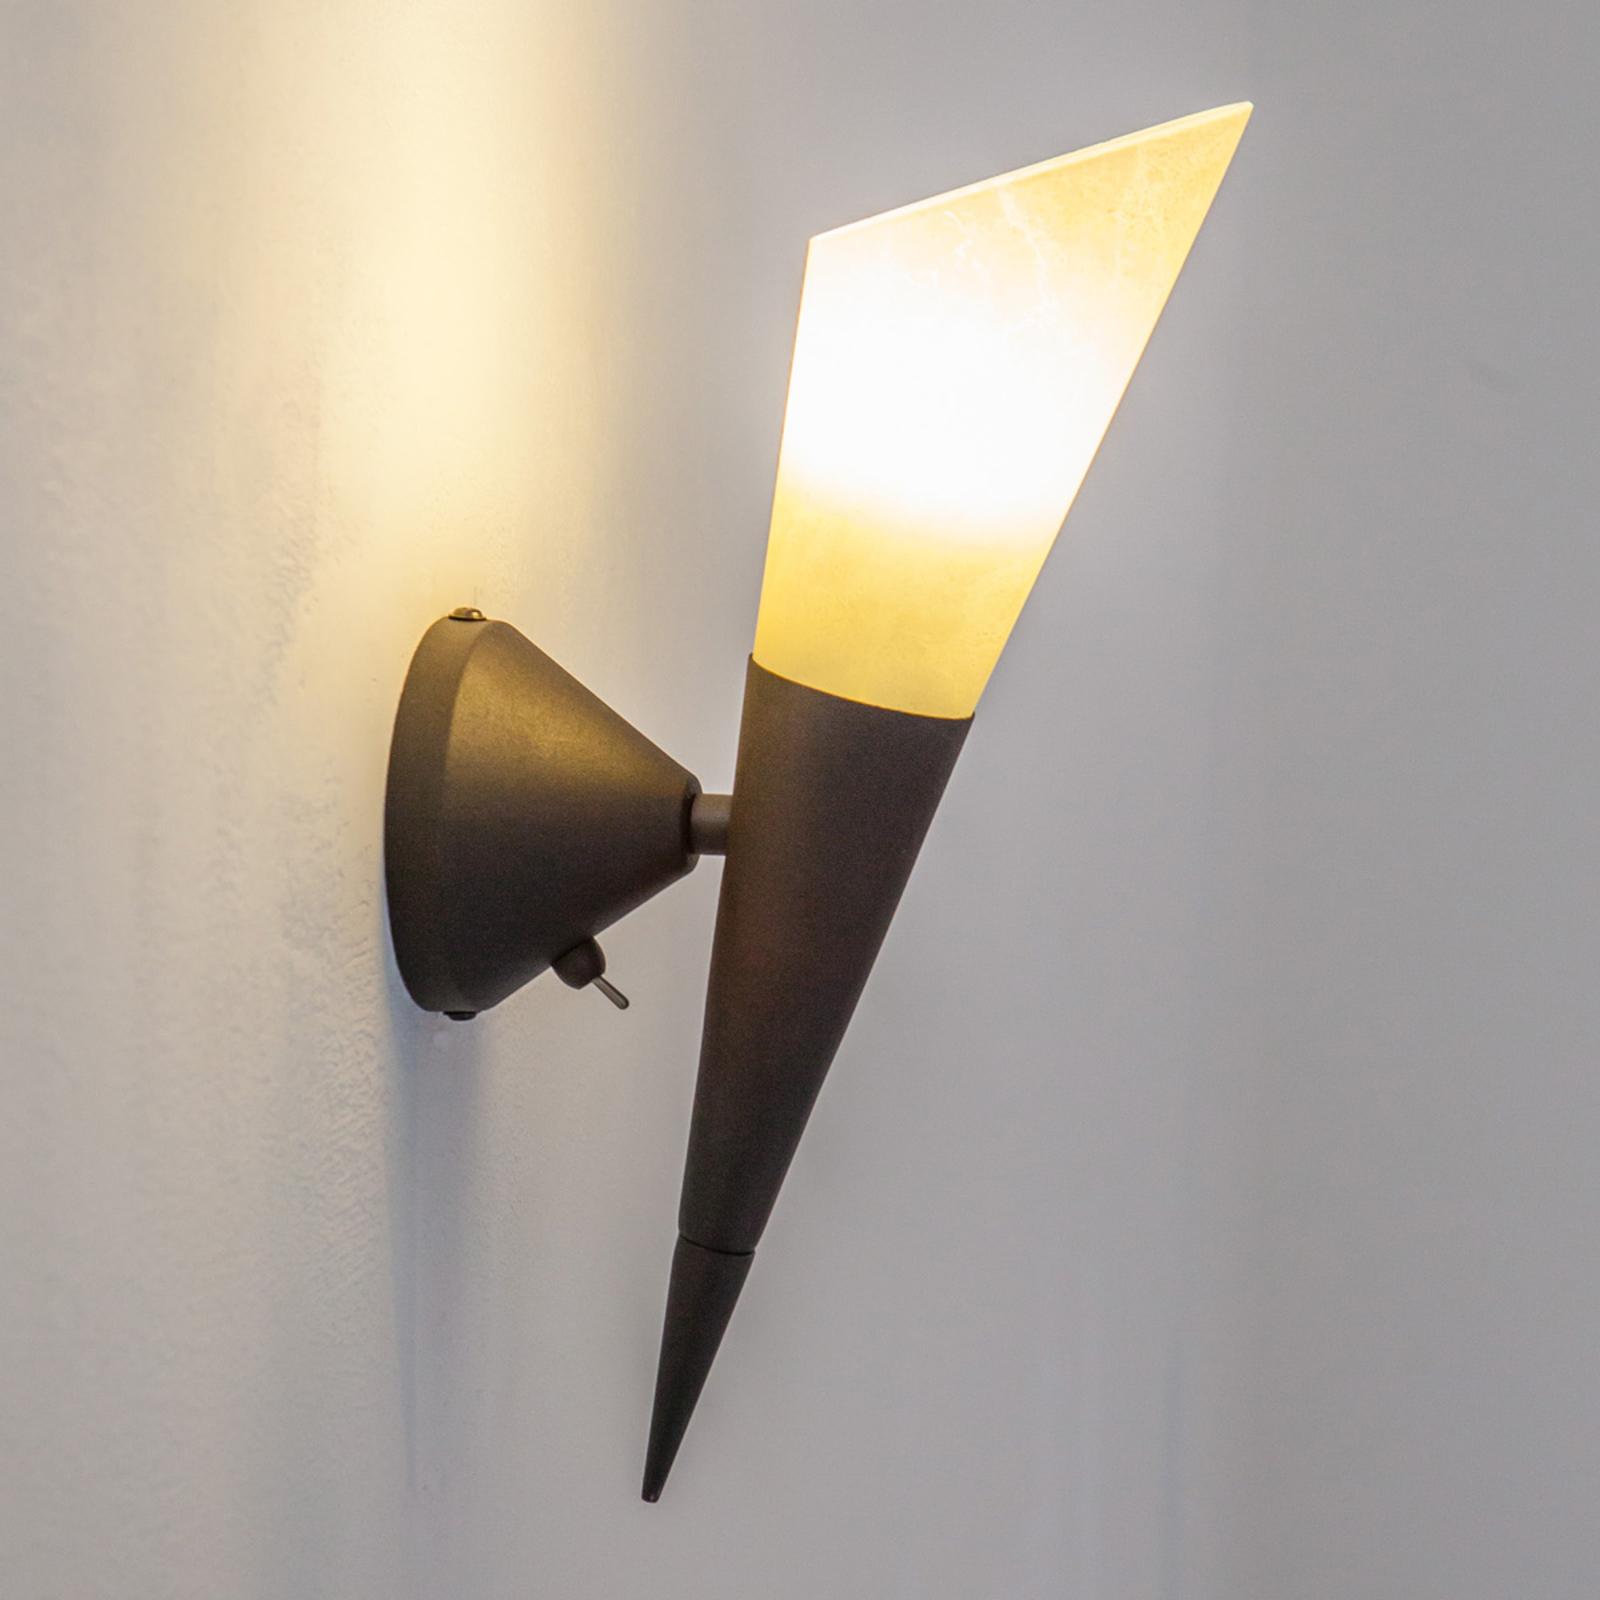 Wandlamp Alva met LED's